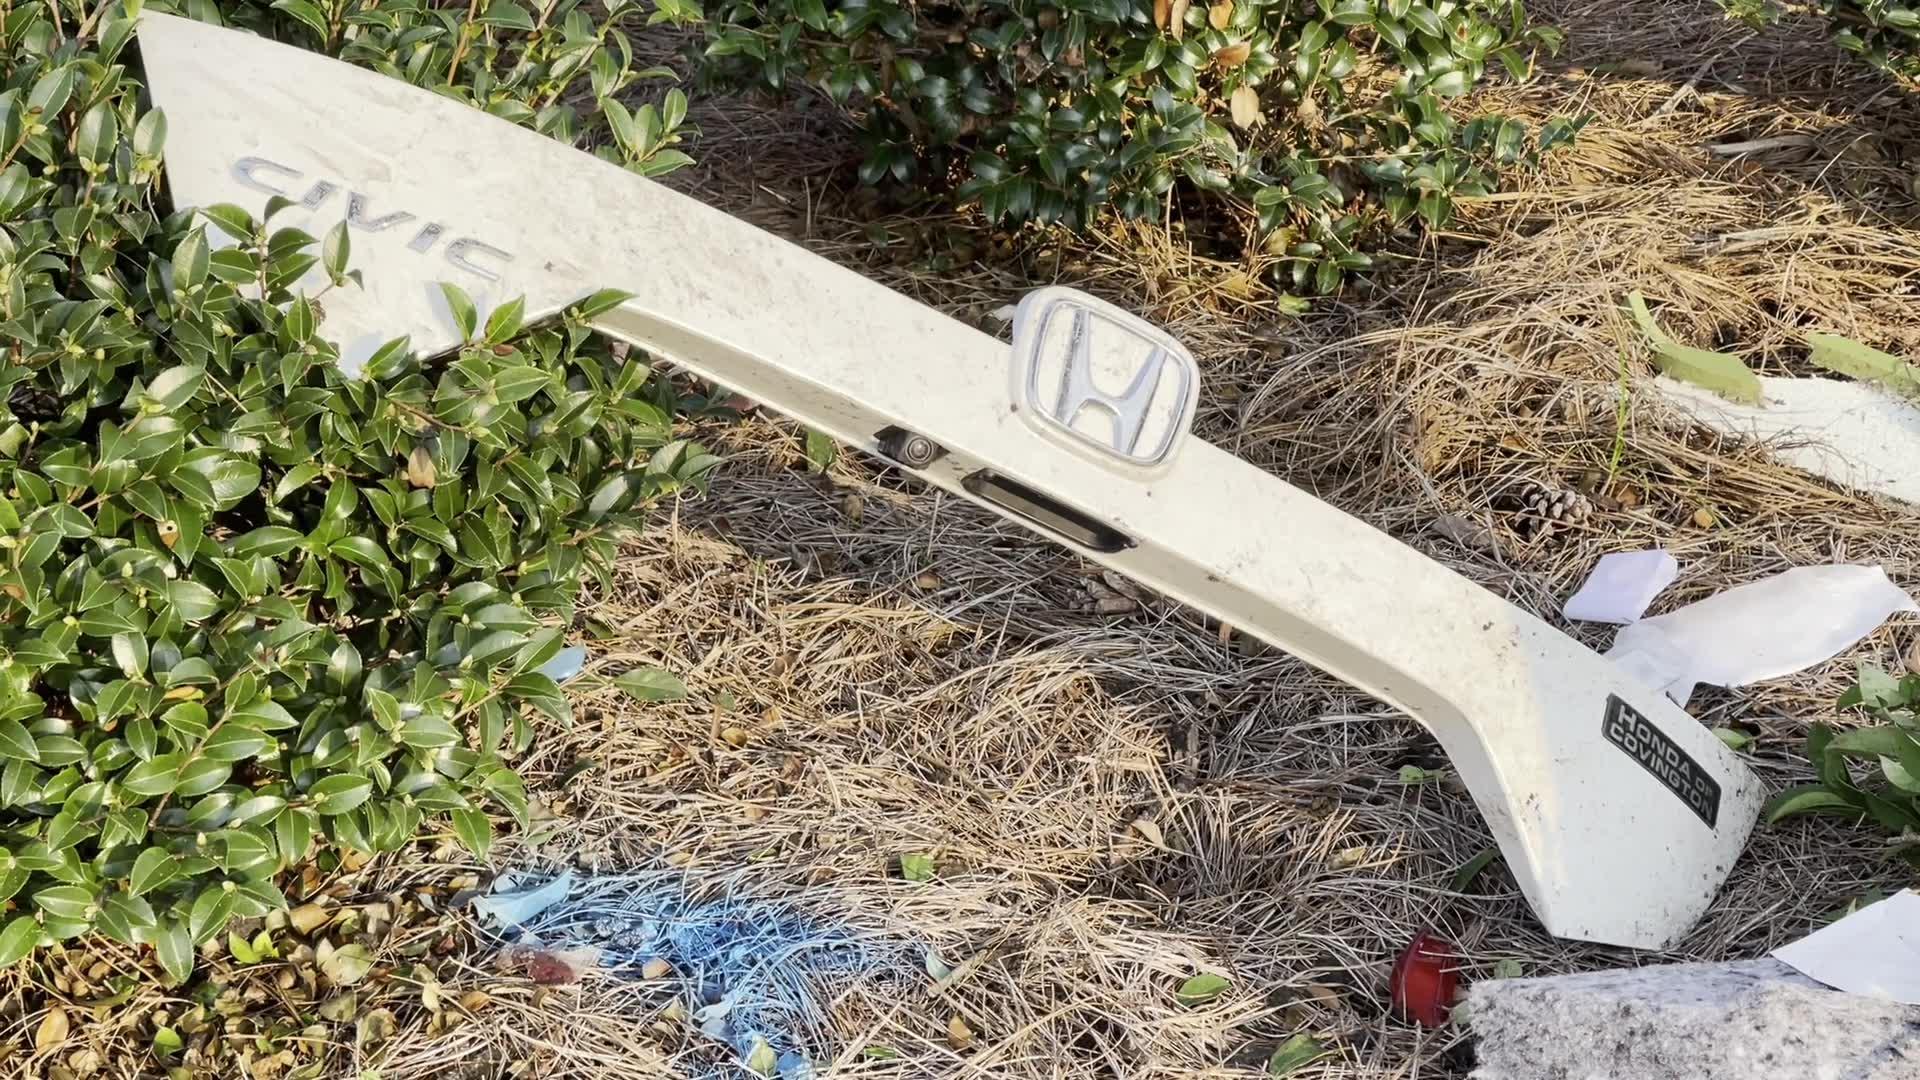 Debris from fatal Madisonville car crash